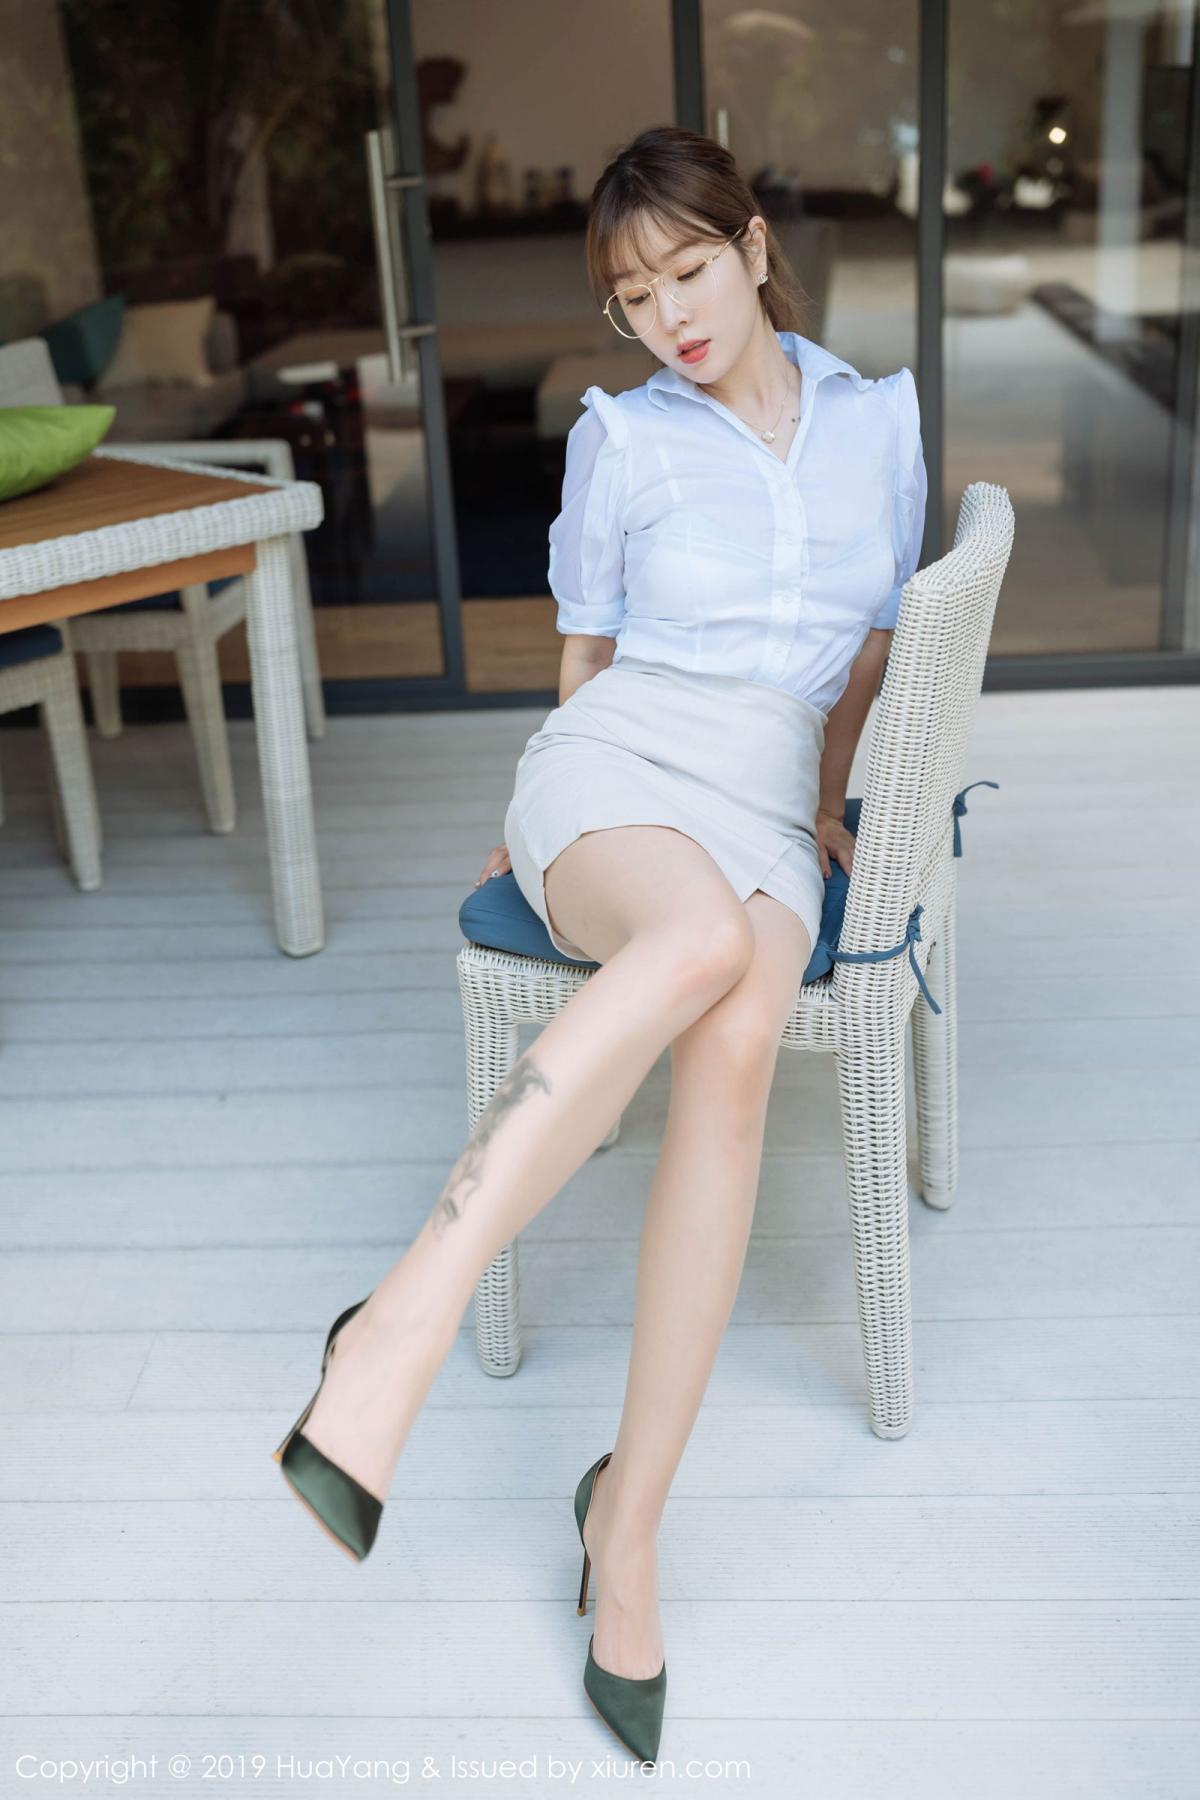 [Huayang] Vol.195 Wang Yu Chun 12P, Foot, HuaYang, Uniform, Wang Yu Chun